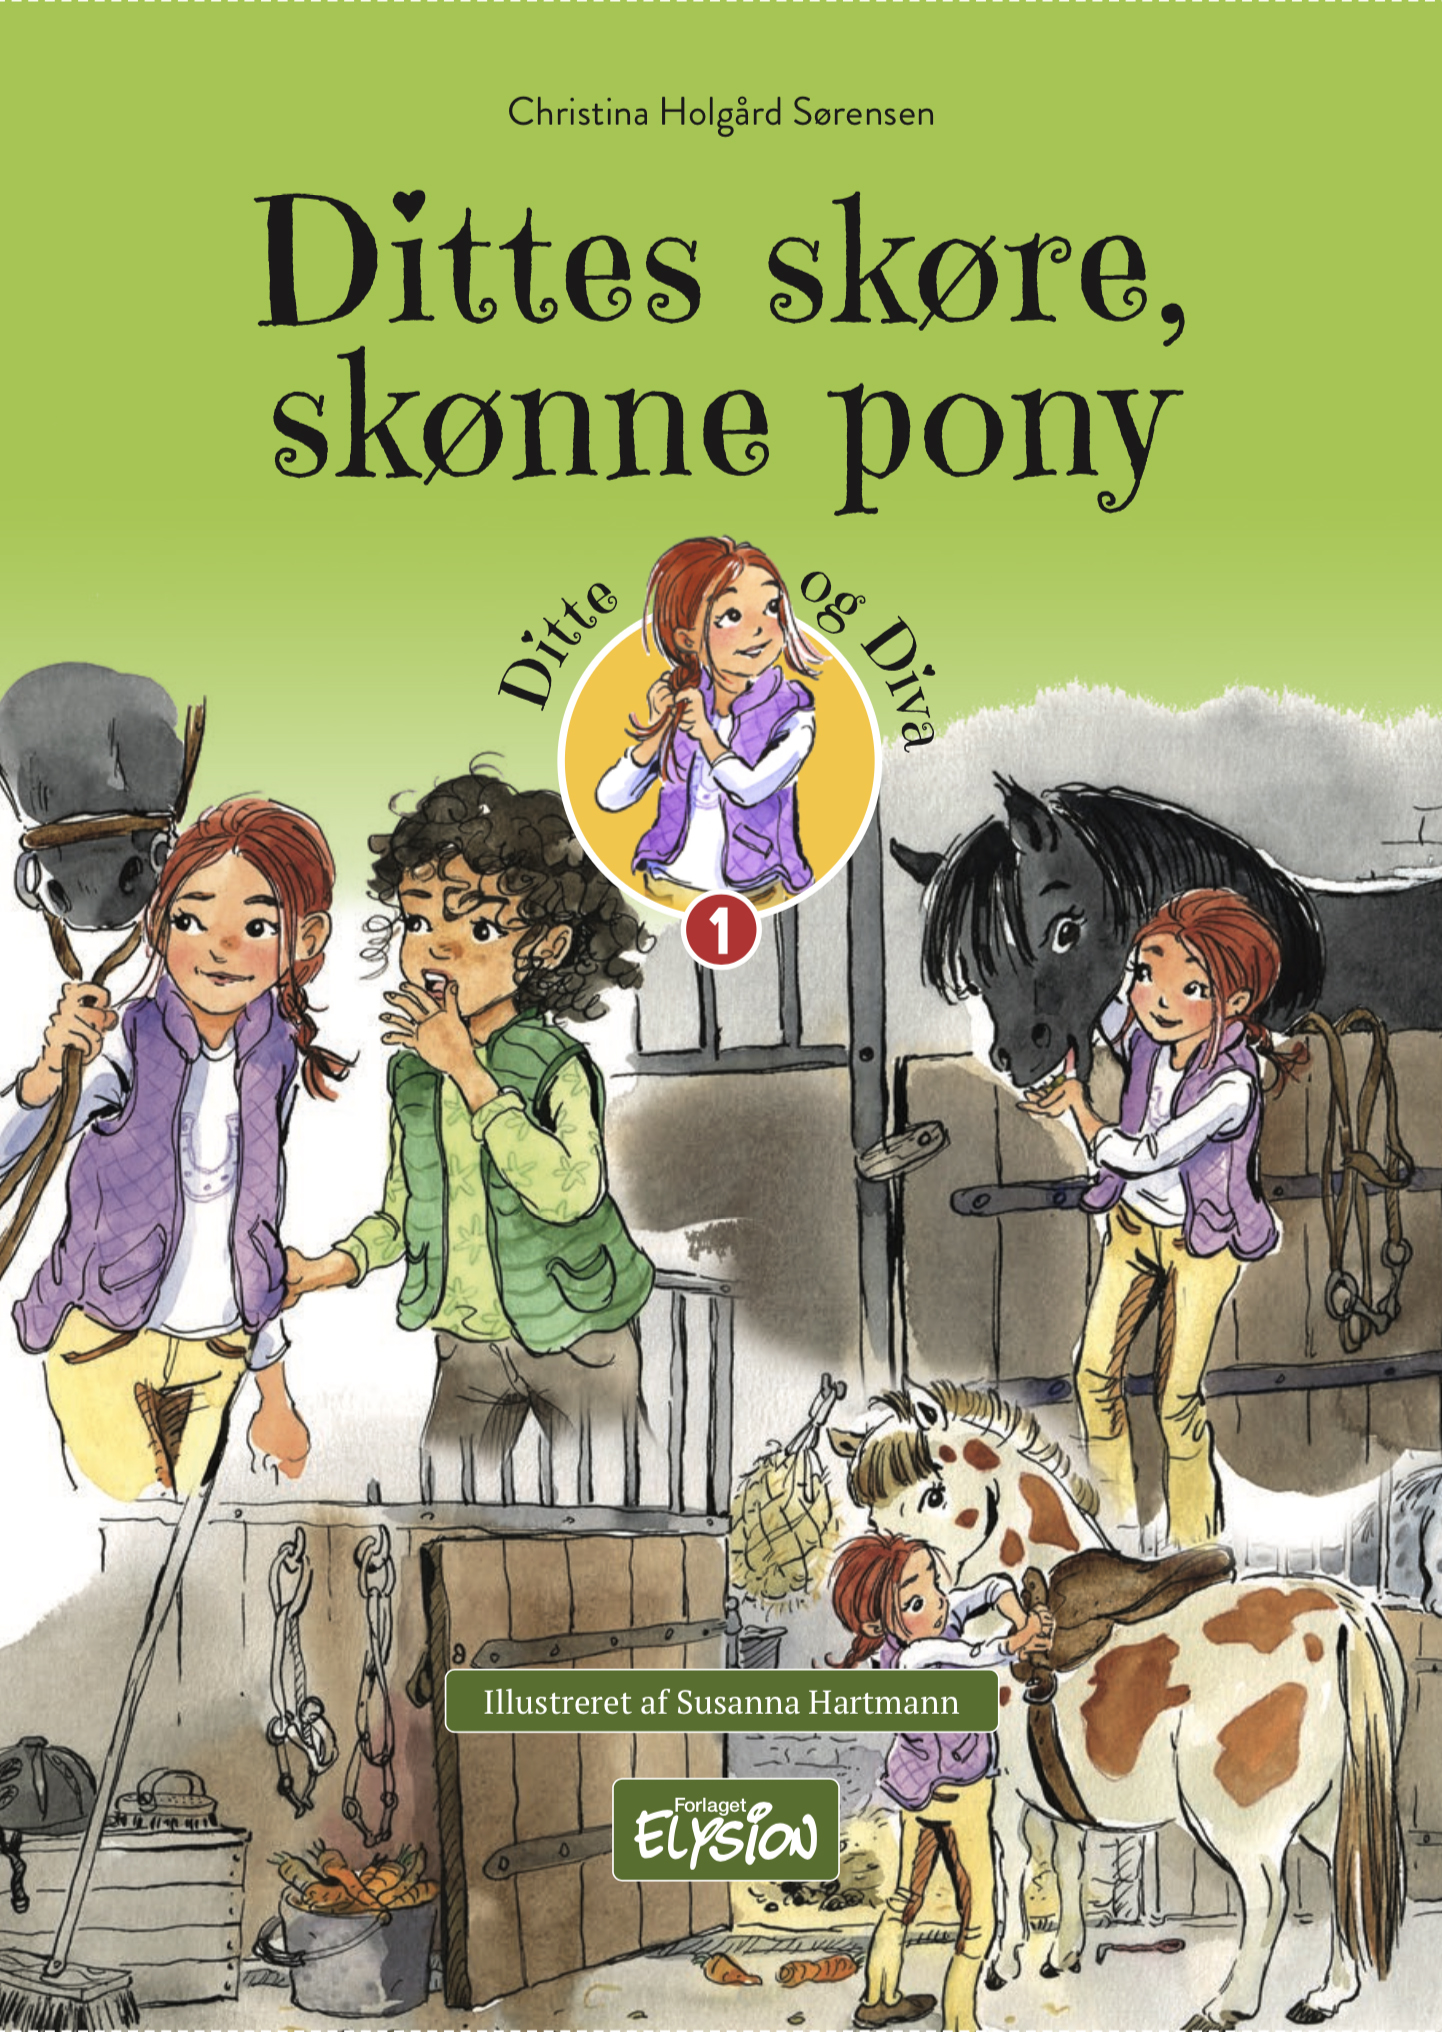 Ditte og Diva 1: Dittes skøre, skønne pony - Christina Holgård Sørensen - Bøger - Forlaget Elysion - 9788772148366 - 1/8-2020